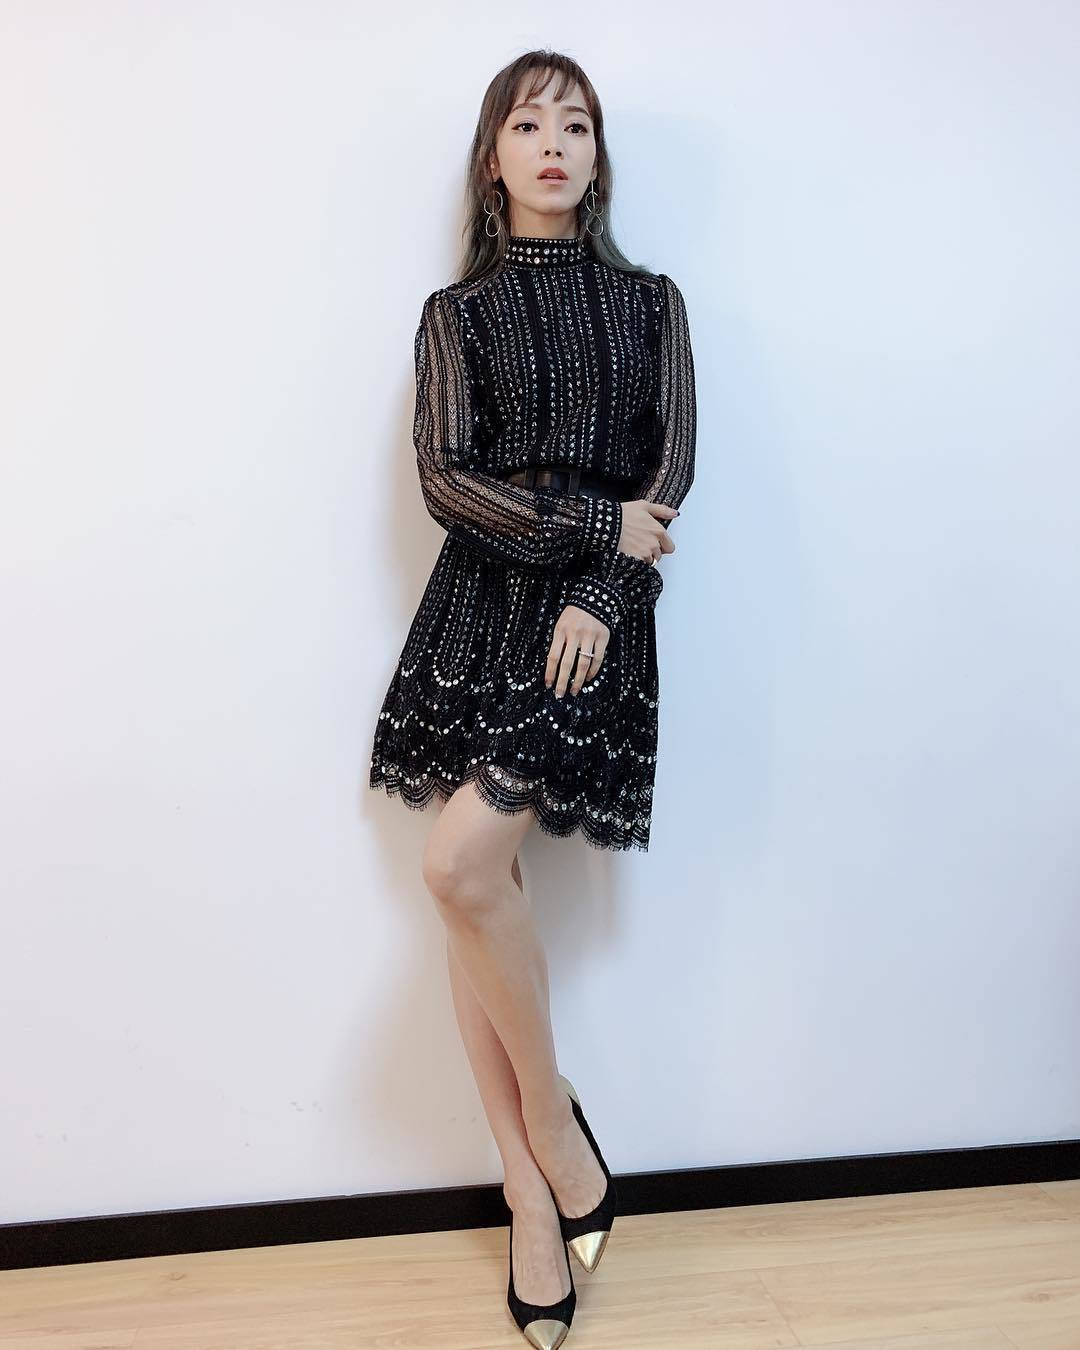 侯佩岑穿MMK黑銀紗線蕾絲洋裝錄製中國節目。圖/MICHAEL KORS提供